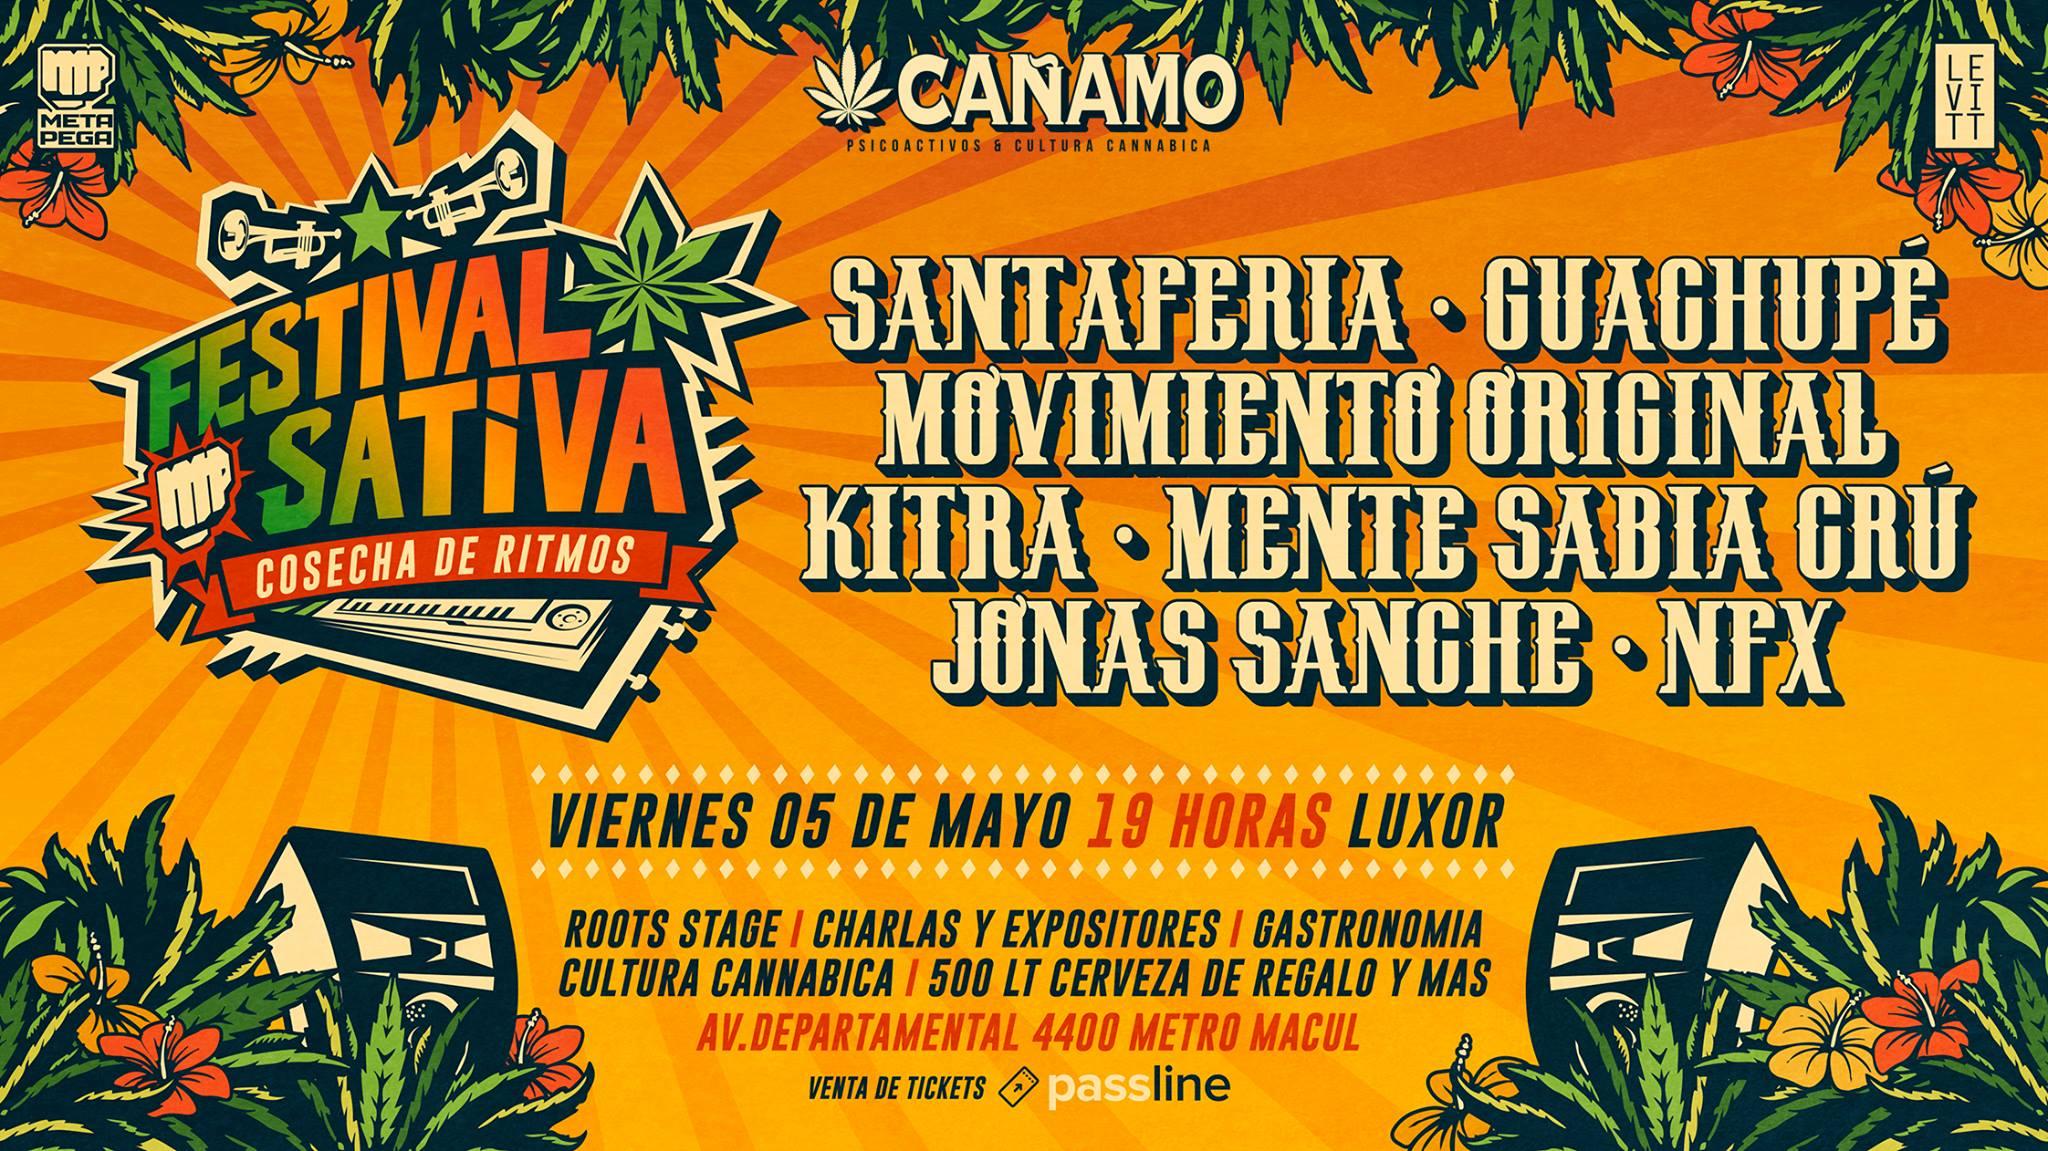 Festival Sativa llega a su 3era versión con grandes invitados